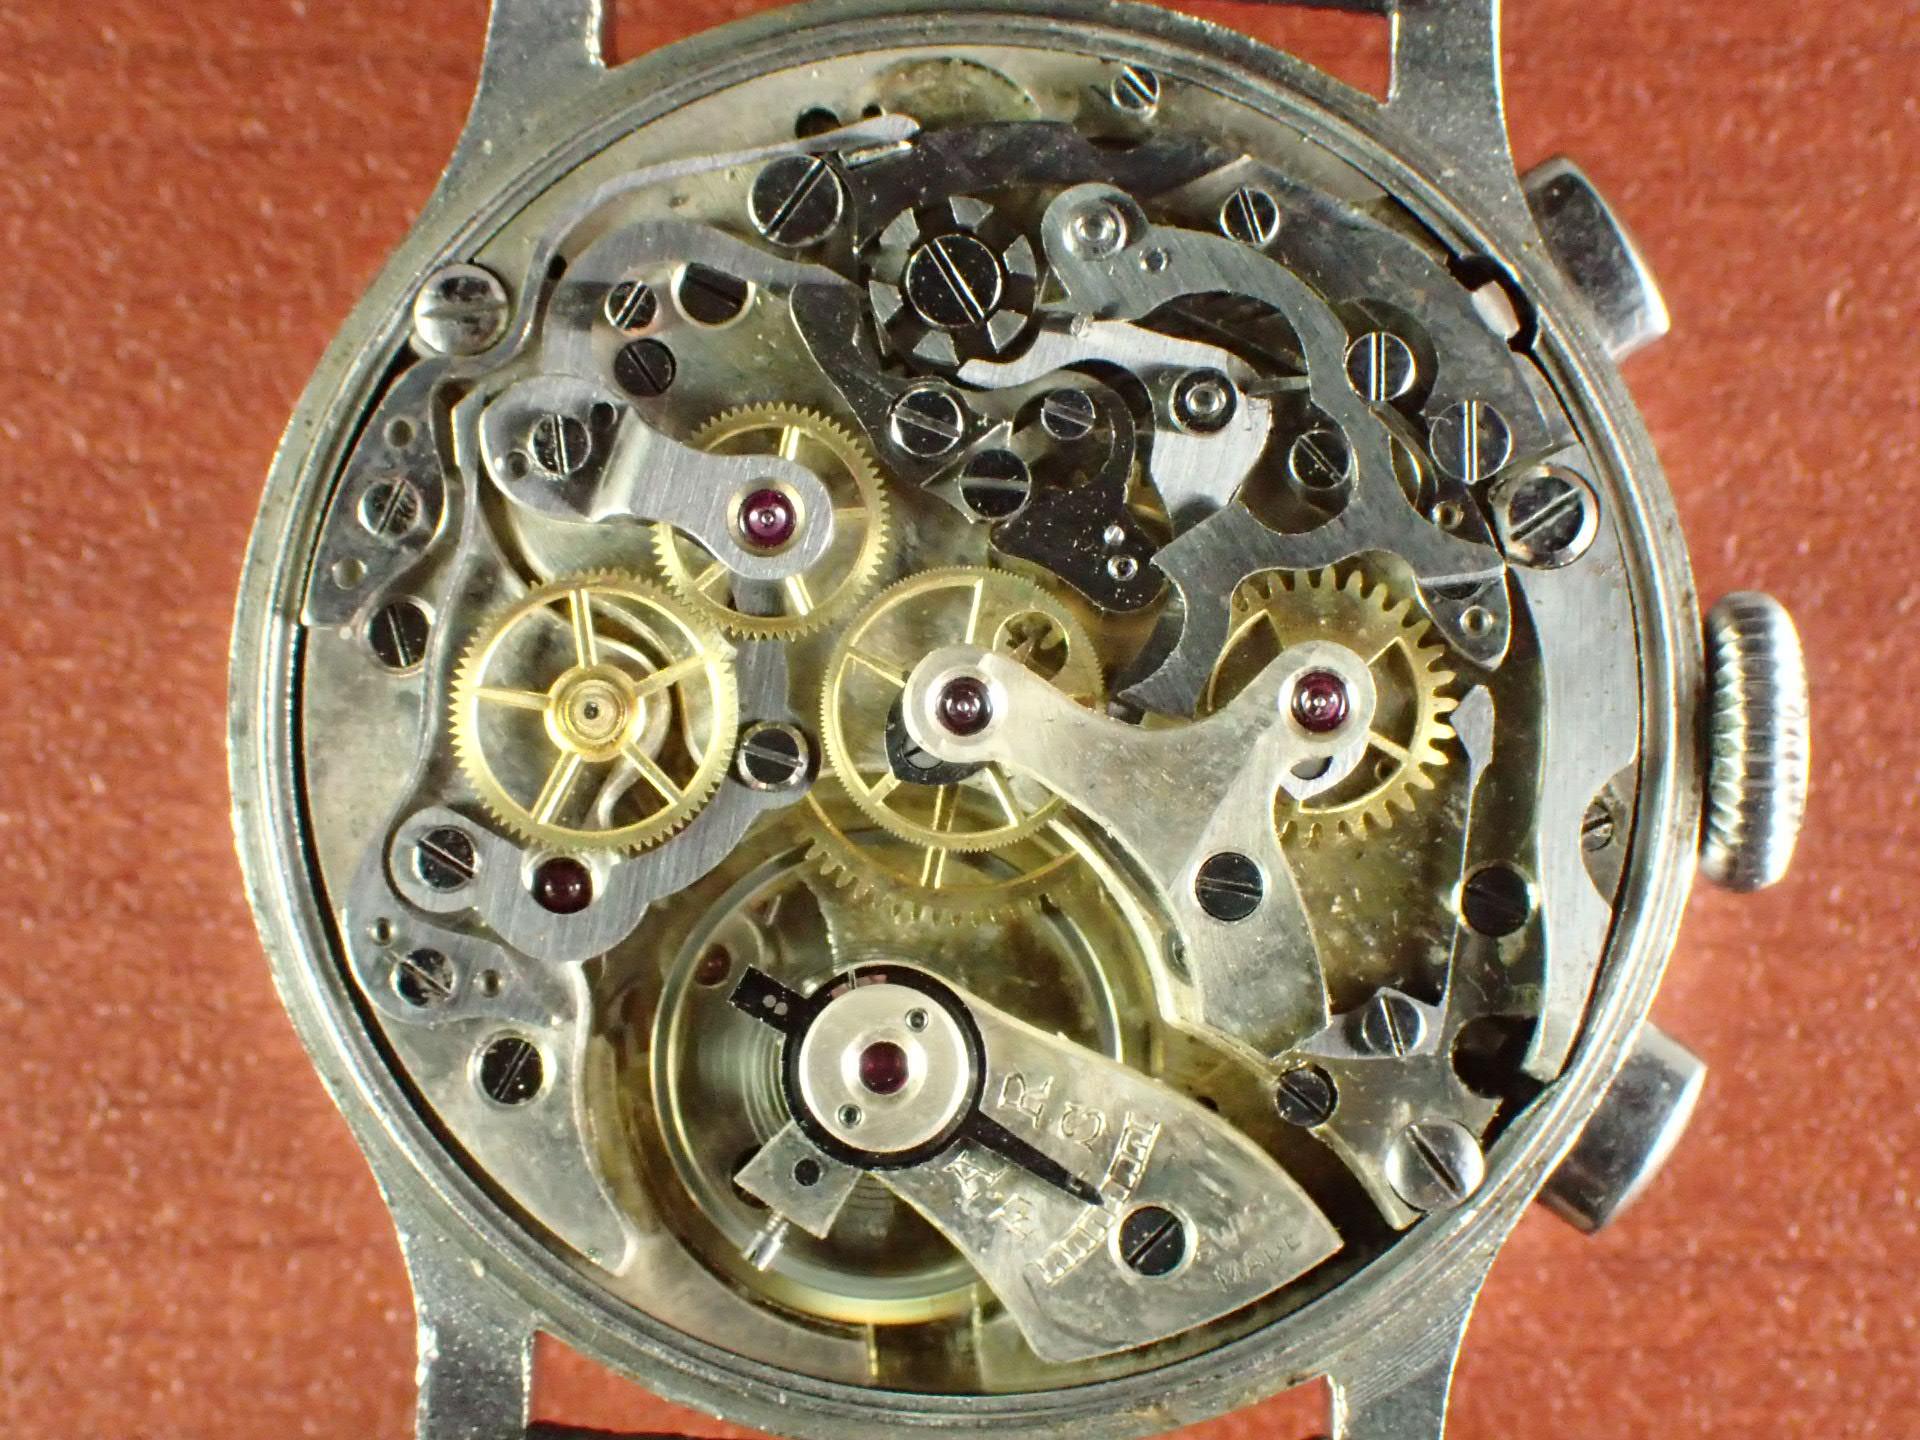 ノーネーム クロノグラフ ブレゲインデックス Cal.ランデロン13 1930年代の写真5枚目